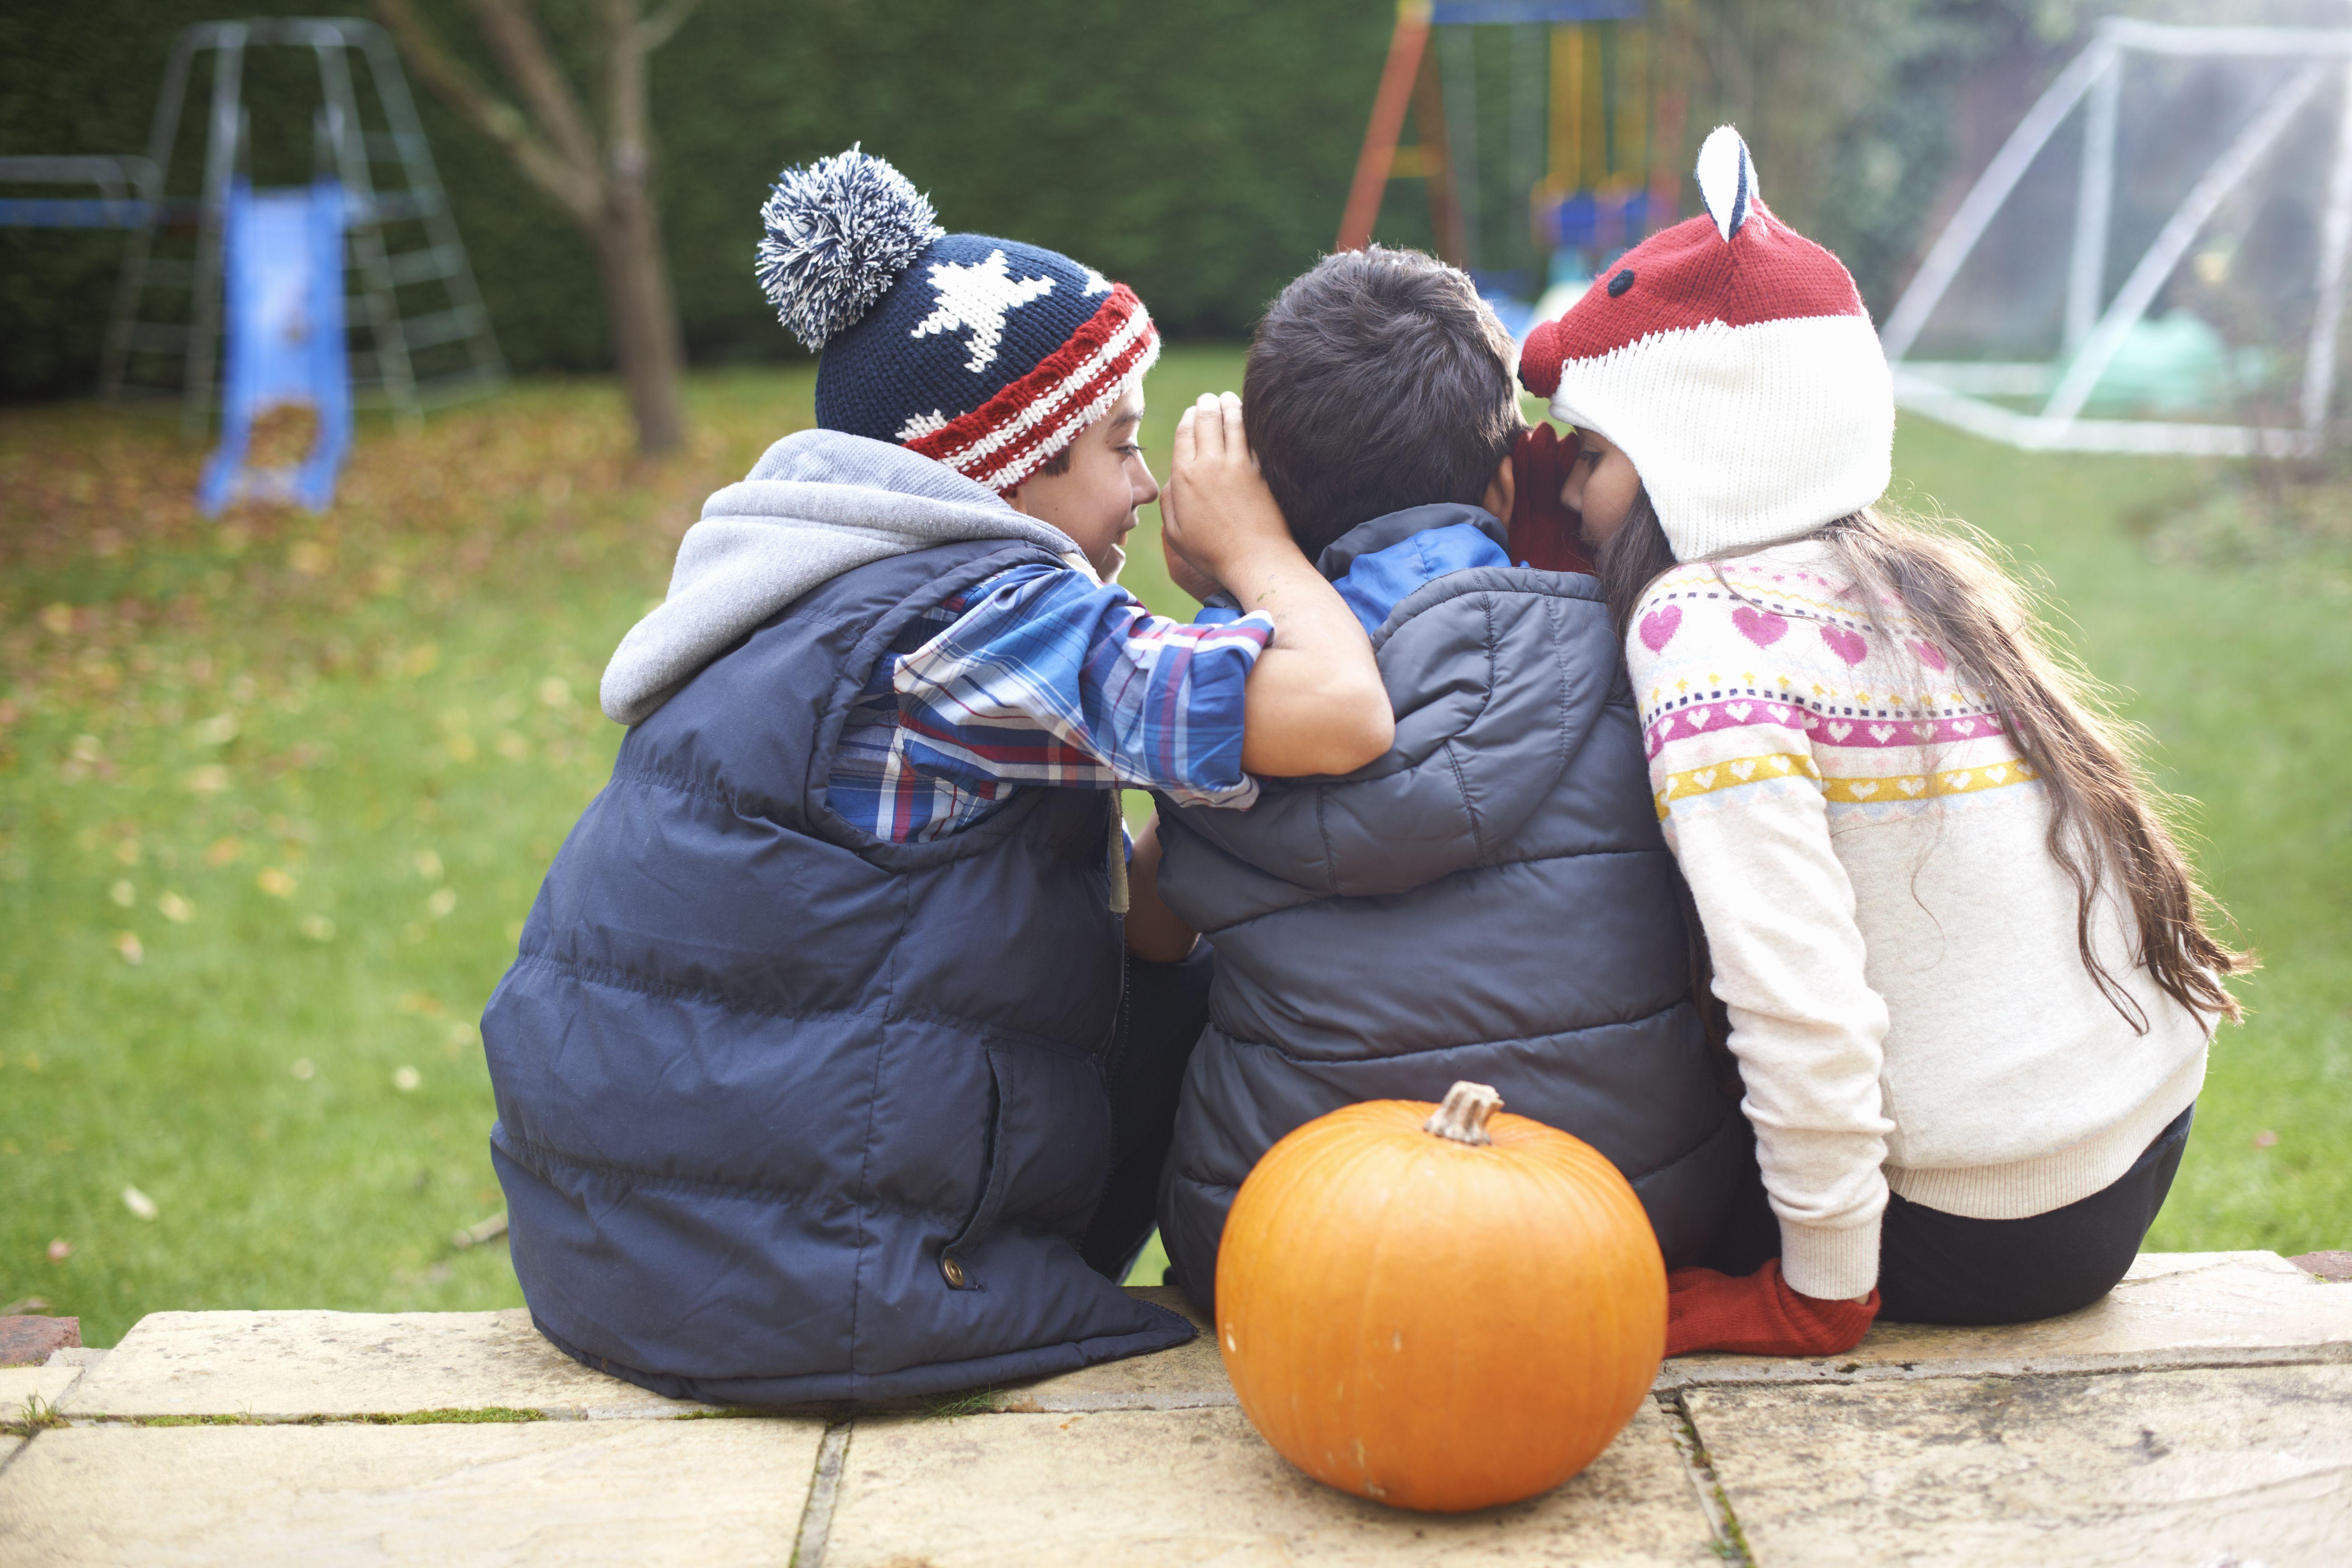 Hermanos sentados en los escalones del jardín